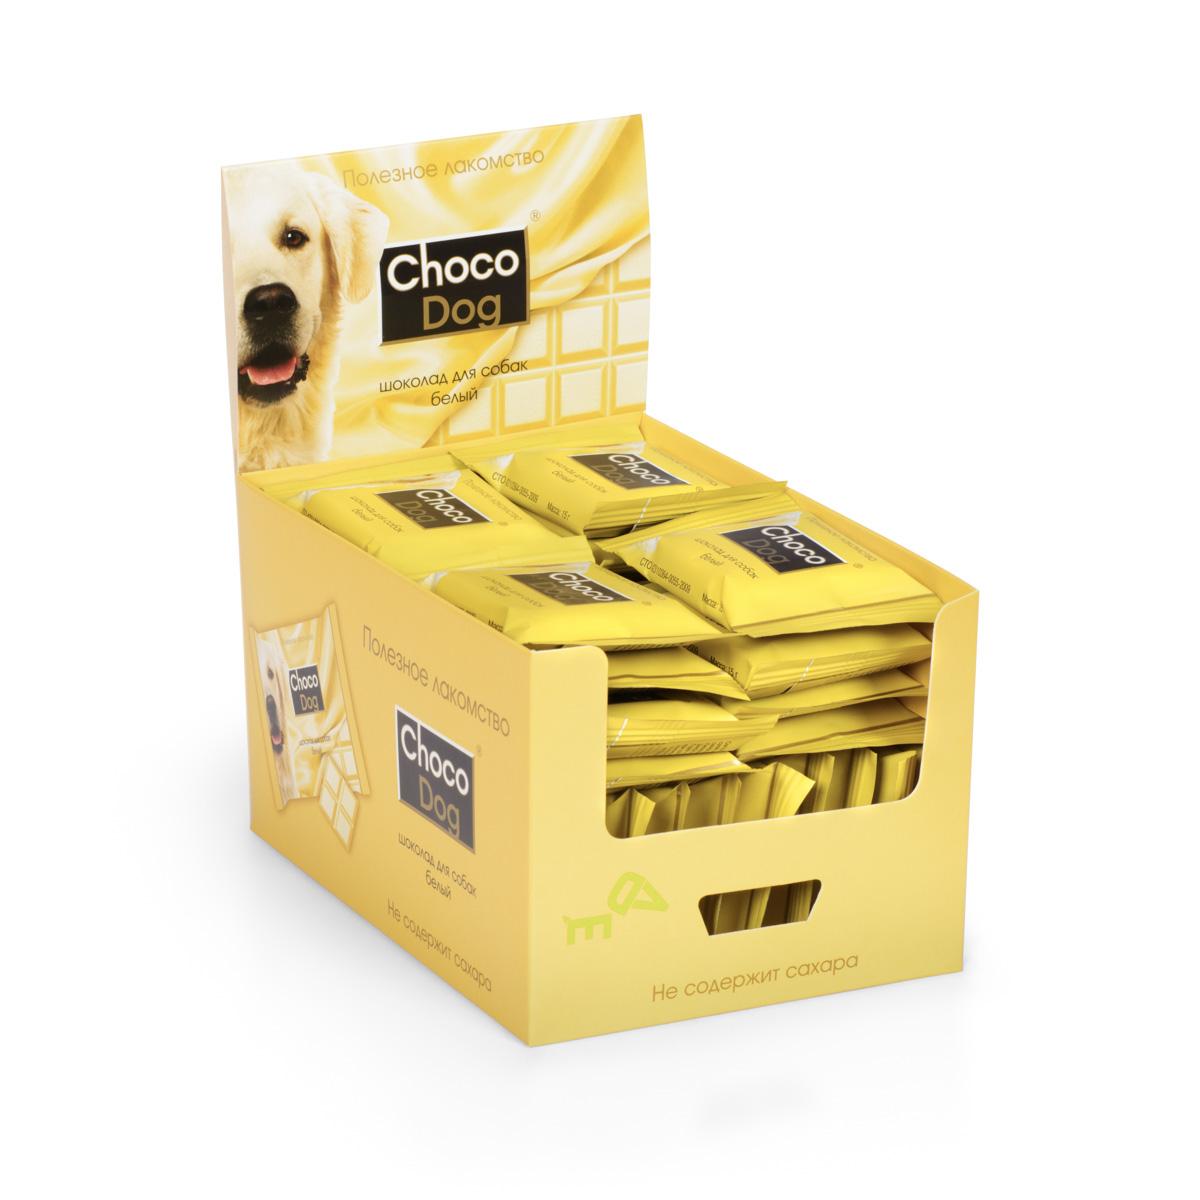 Лакомство для собак VEDA Choco Dog, белый шоколад, 40 х 15 г4605543006517Лакомство для собак VEDA Choco Dog со вкусом шоколада используется в качестве угощения, с целью поощрения, при дрессуре животных. При производстве учтены физиологические особенности собак, поэтому состав всех лакомств не содержит сахара и какао. Их заменители растительного происхождения обогащают лакомство полезными свойствами: - вместо сахара в шоколаде используется экстракт сладкой травы стевии, который безопасен для животных; - вкус шоколада придает кэроб (порошок плодов рожкового дерева), замещая вредное для собак какао. Состав белого шоколада разработан с учетом животных, склонных к аллергическим реакциям. Риск пищевой аллергии сведен к минимуму. Сладкое лакомство для собак без вреда для здоровья. Товар сертифицирован.